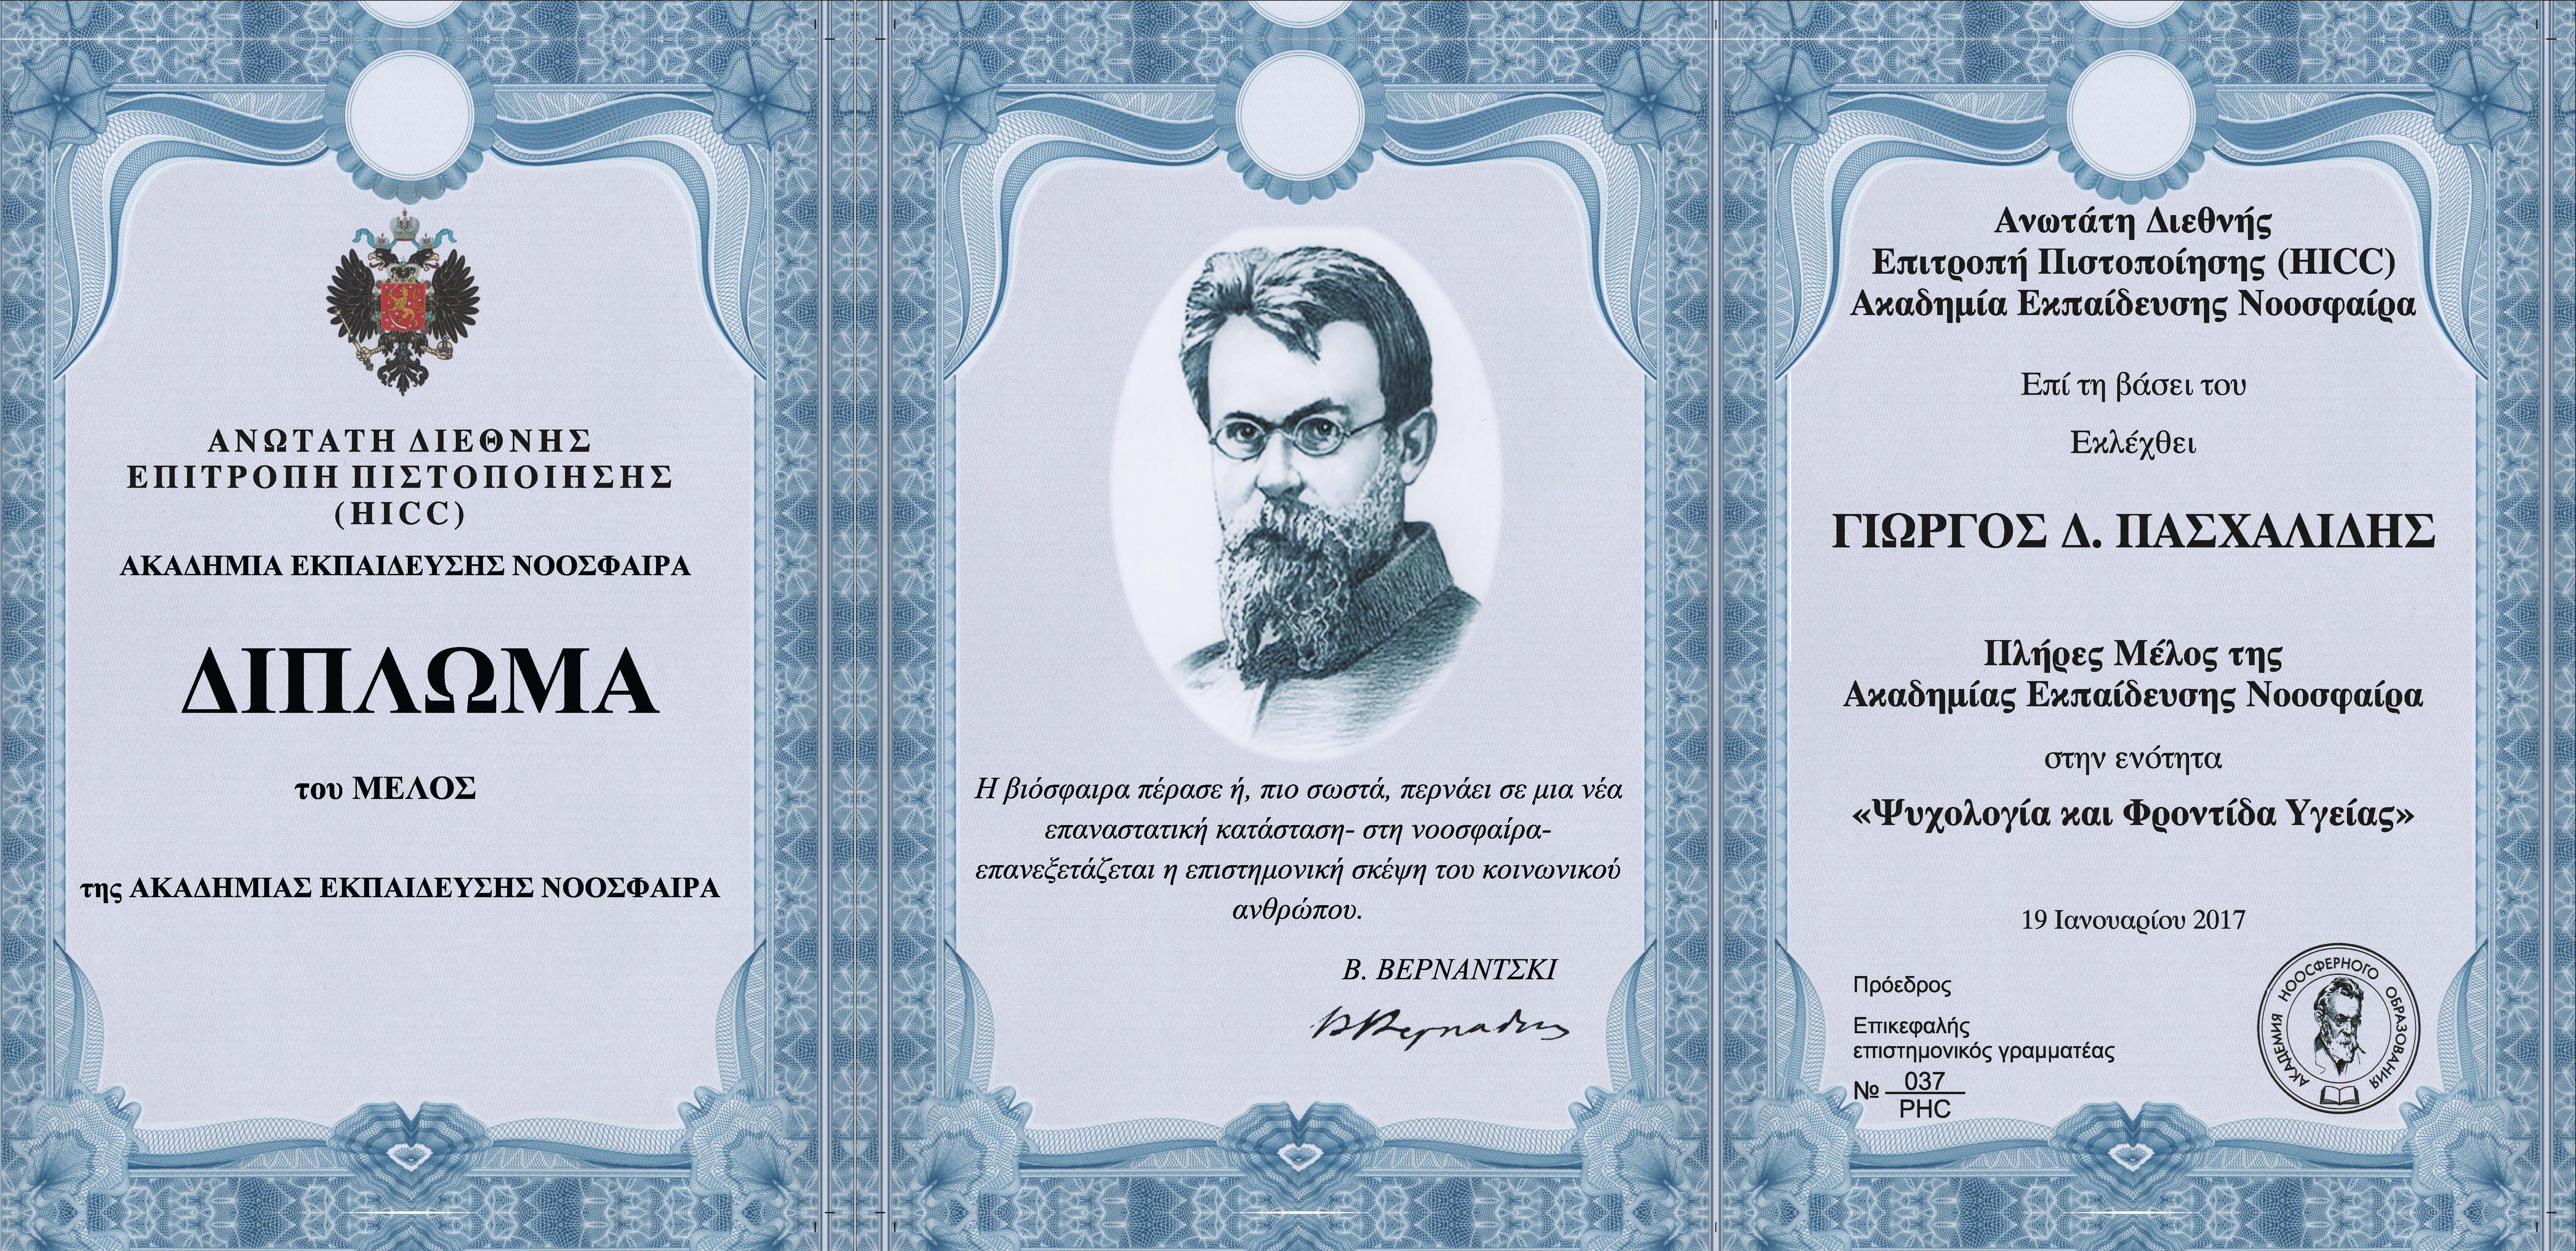 Ο Δρ. Γιώργος Πασχαλίδης έγινε πλήρες μέλος της Ακαδημίας ΝΟΟΣΦΑΙΡΑ